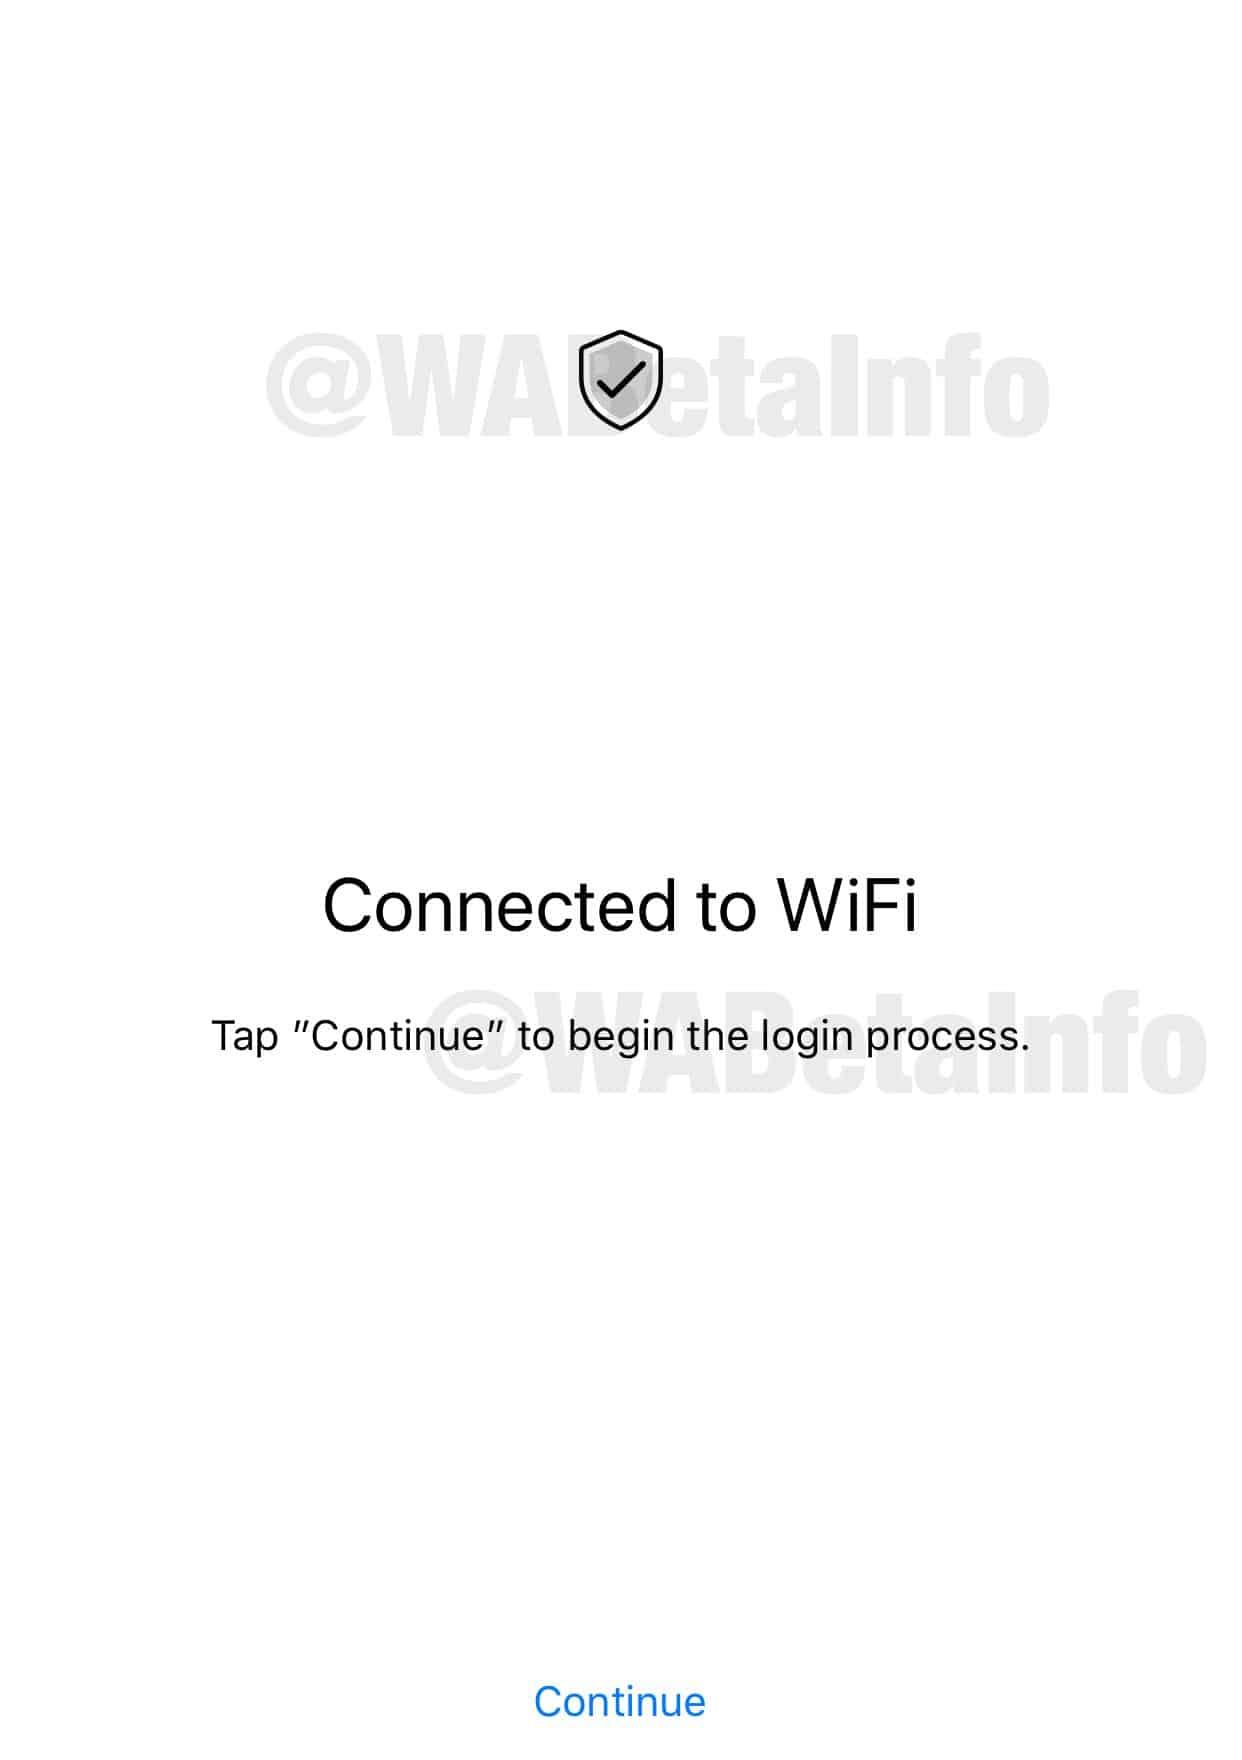 تطبيق واتساب WhatsApp يتيح قريباً استخدام حساب واحد في 4 أجهزة في وقت واحد ويعمل على نسخة خاصة للايباد